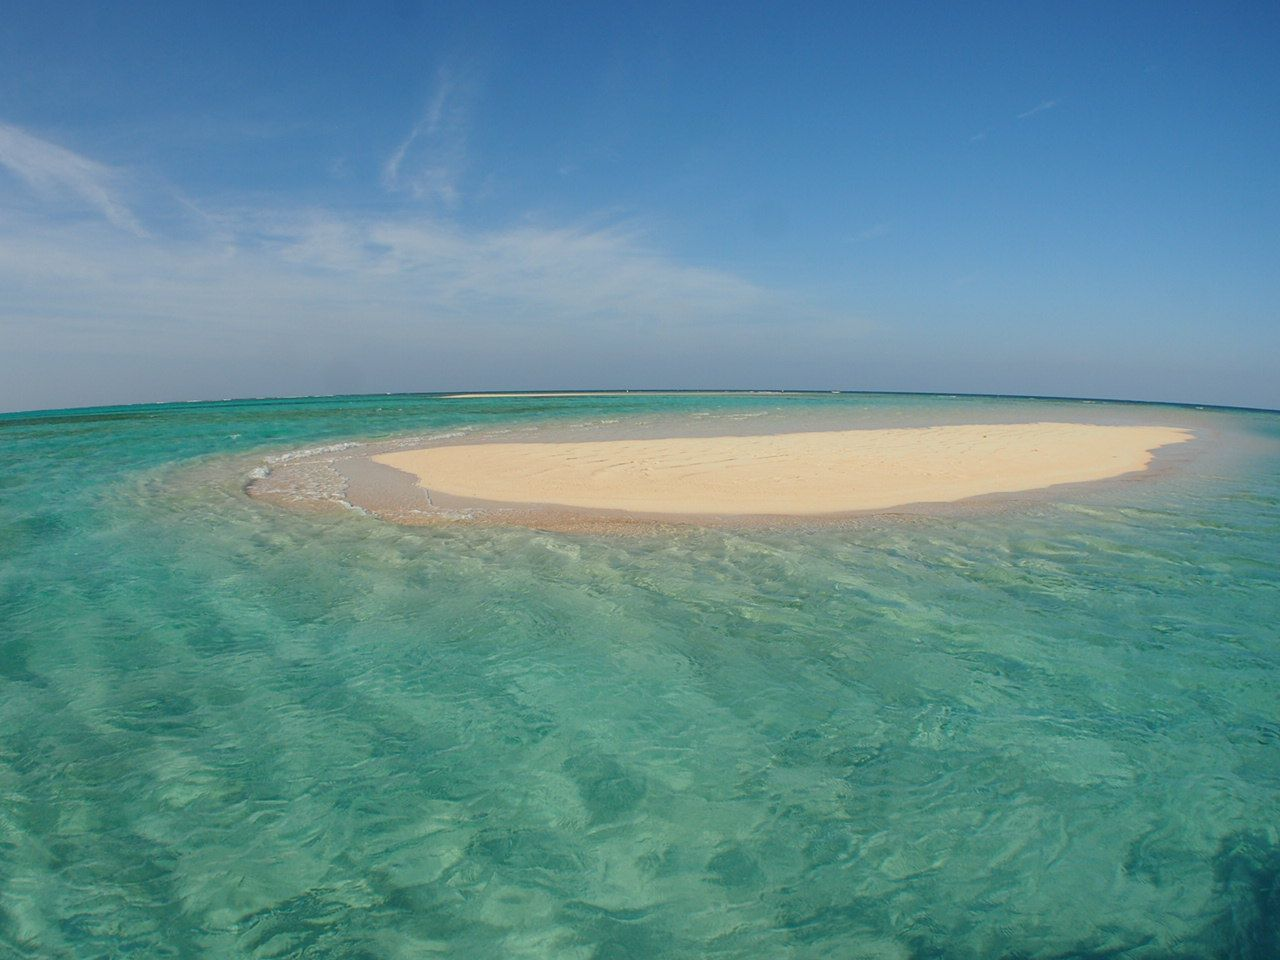 360度見渡す限りの海と真っ白な砂浜の「百合が浜」